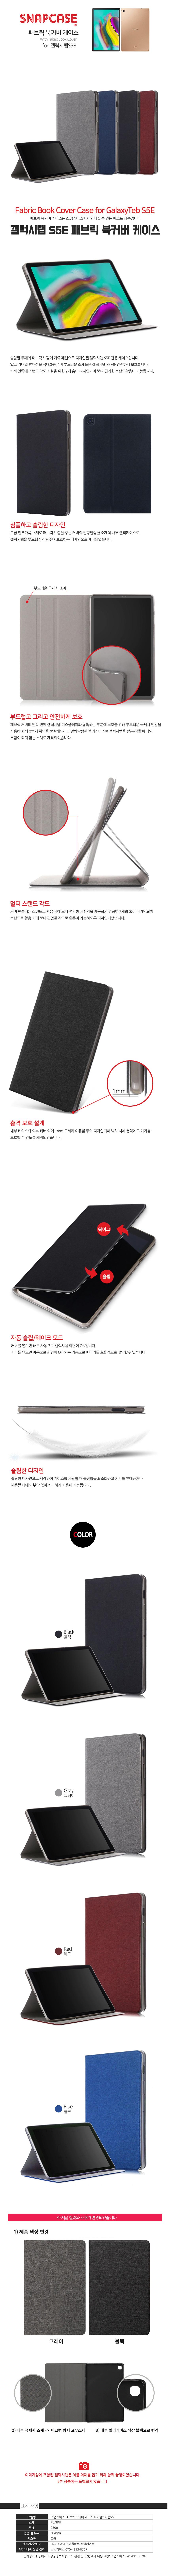 스냅케이스 갤럭시탭S5E 패브릭 북커버 케이스 SM-T720 T725 - 스냅케이스, 17,500원, 케이스, 기타 갤럭시 제품